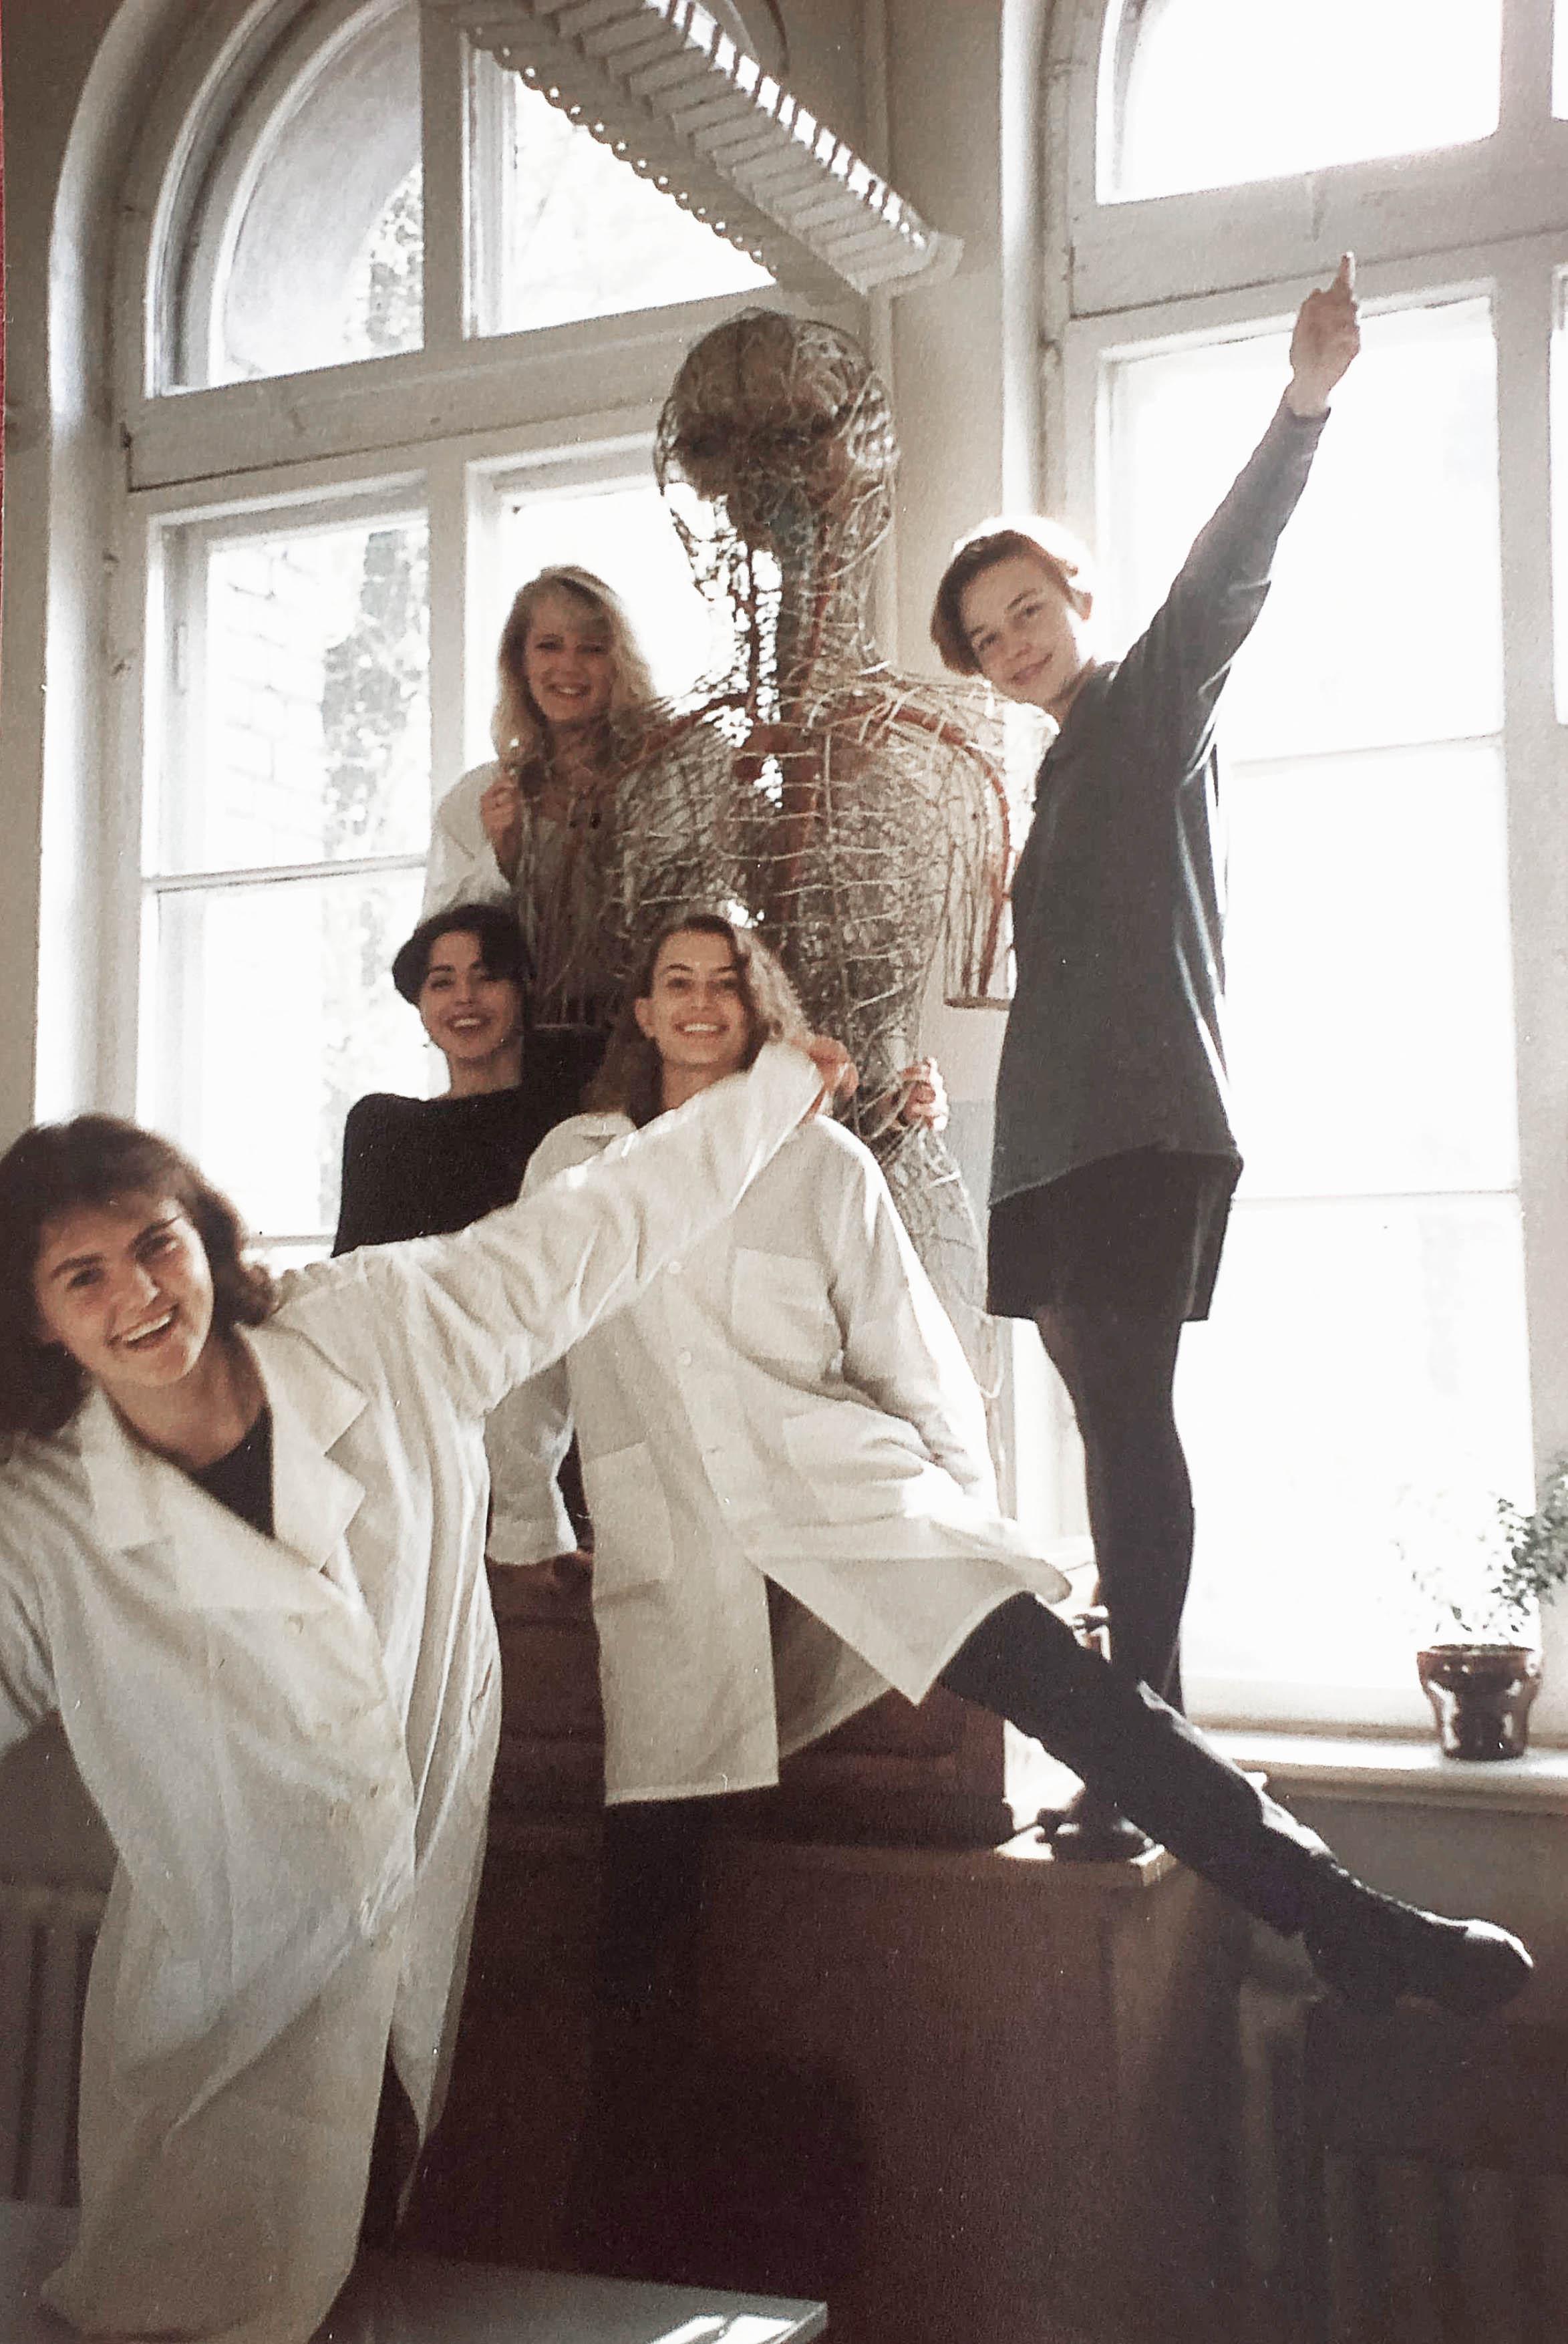 Medicīnas fakultātes 2. kursā kopā ar grupas biedrēm  (no kreisās no augšas  Anda Kadiša, Digna Miltiņa, Daina Greiškalne,  Dace Lietuviete un  Elīna Ligere) anatomijas nodarbību starplaikā